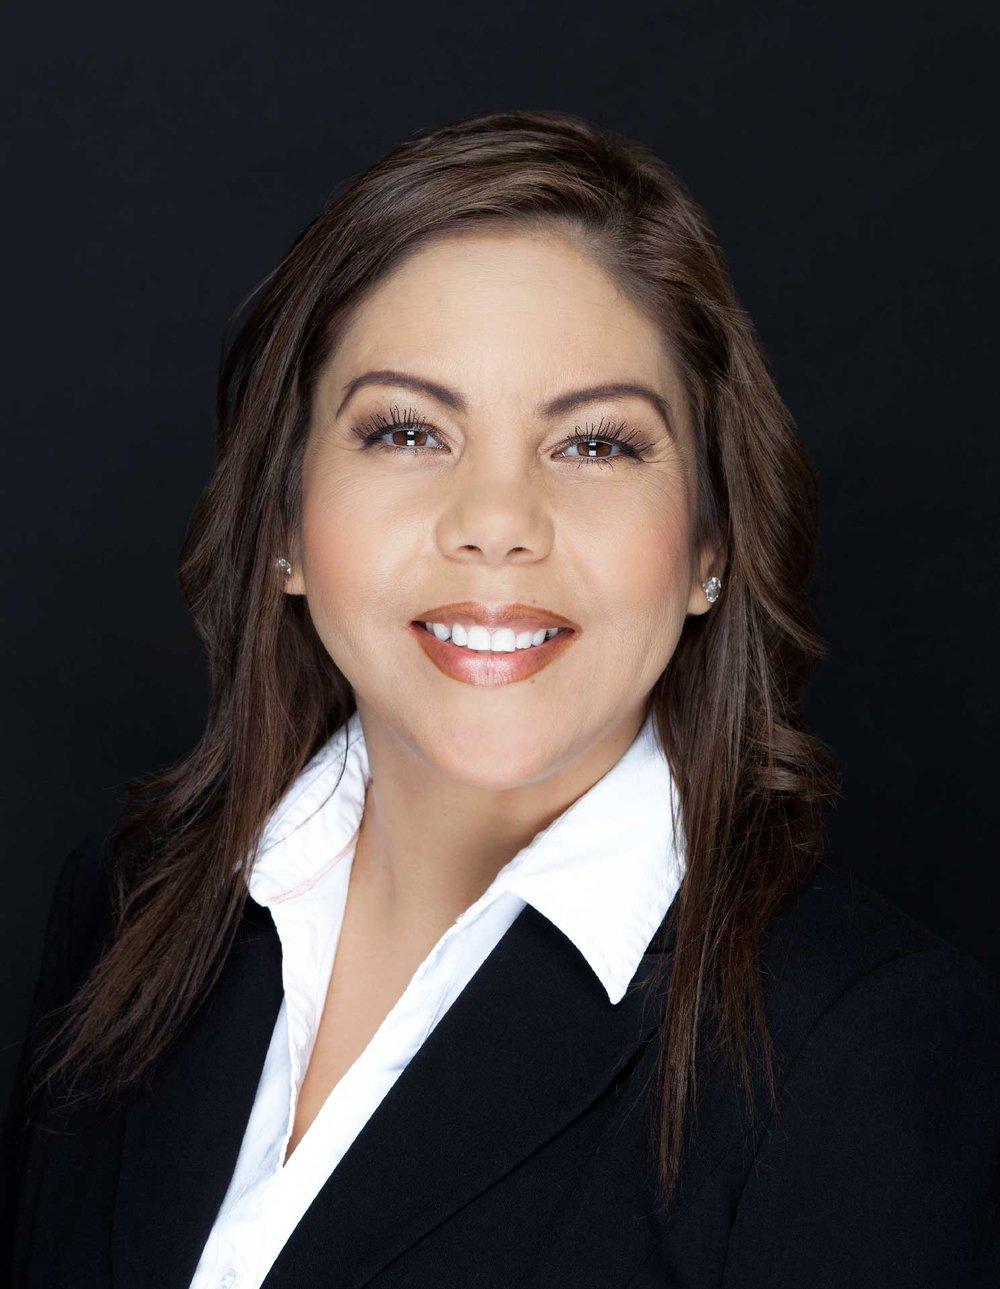 Alejandra-Quintero-3.jpg